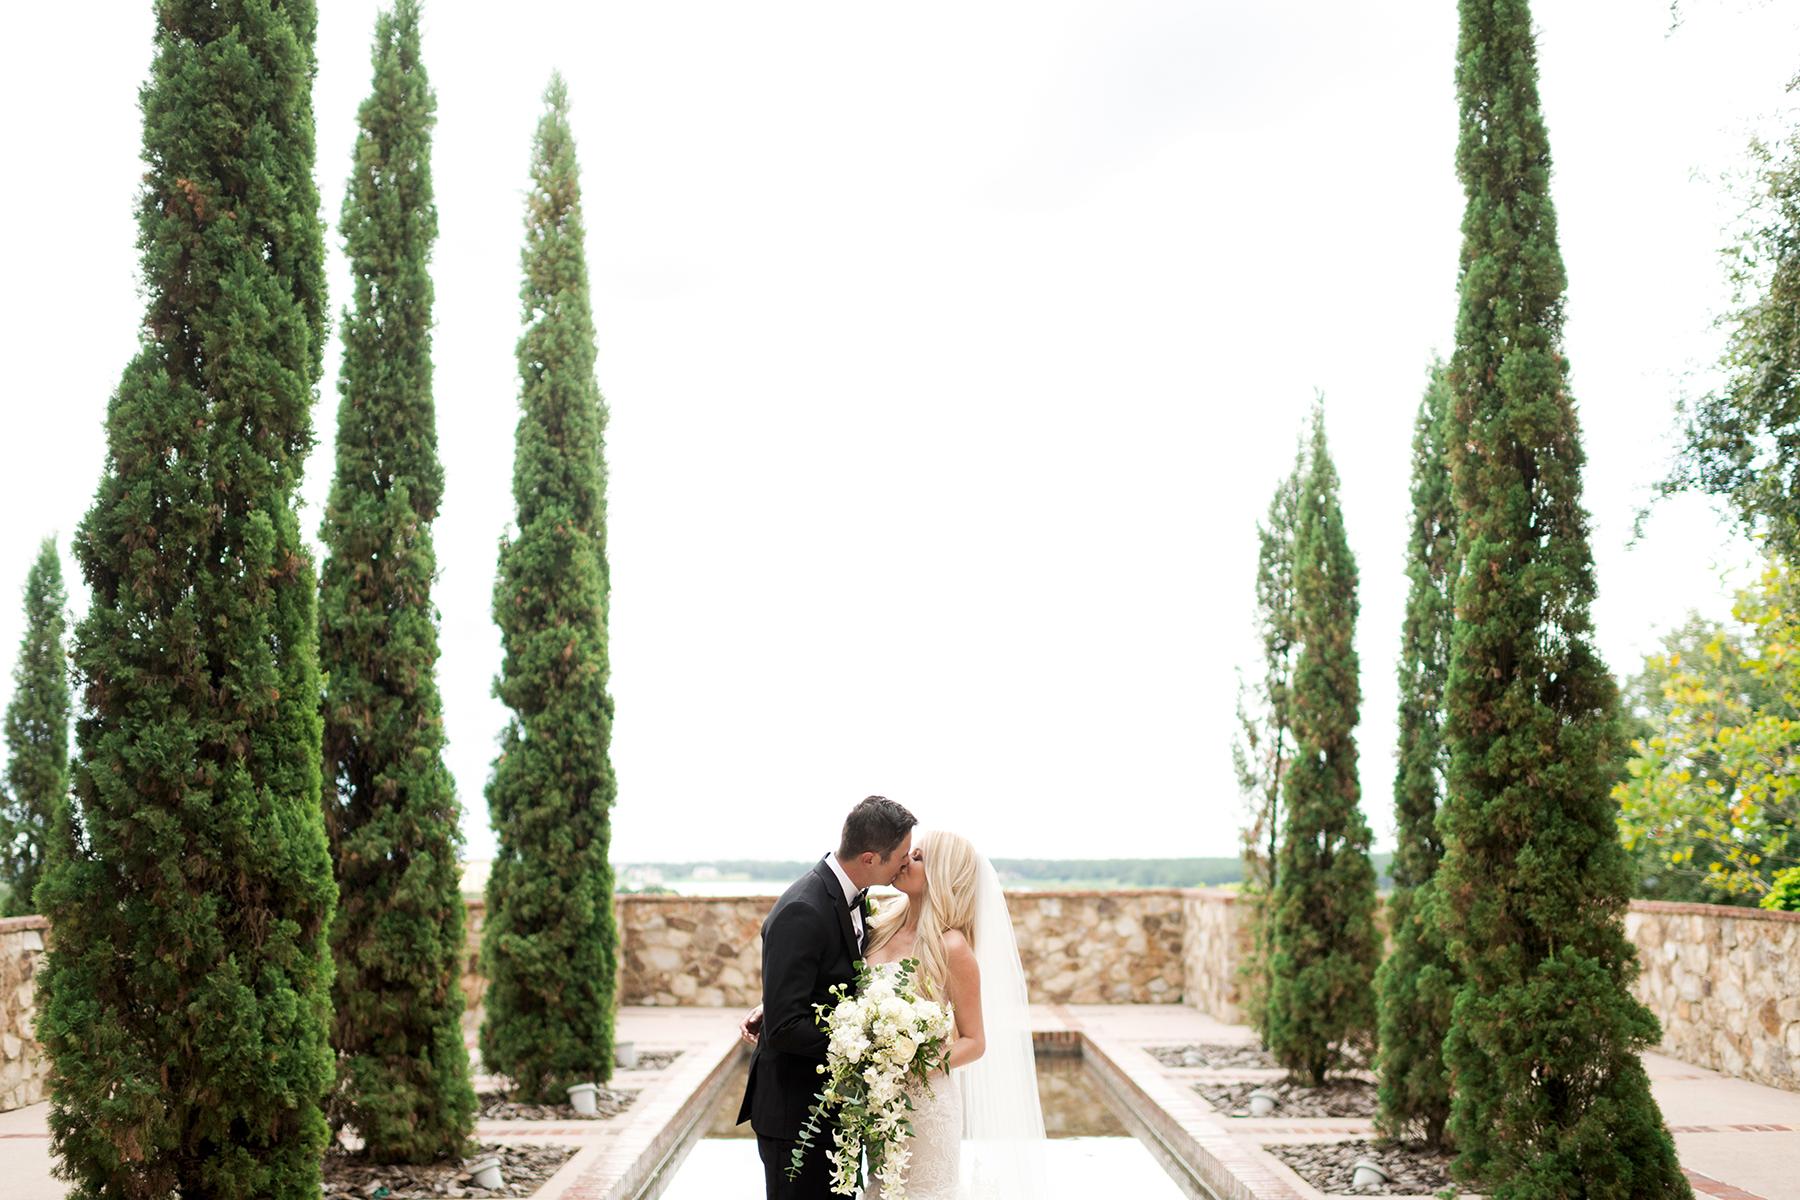 Outdoor Wedding Venues in Florida